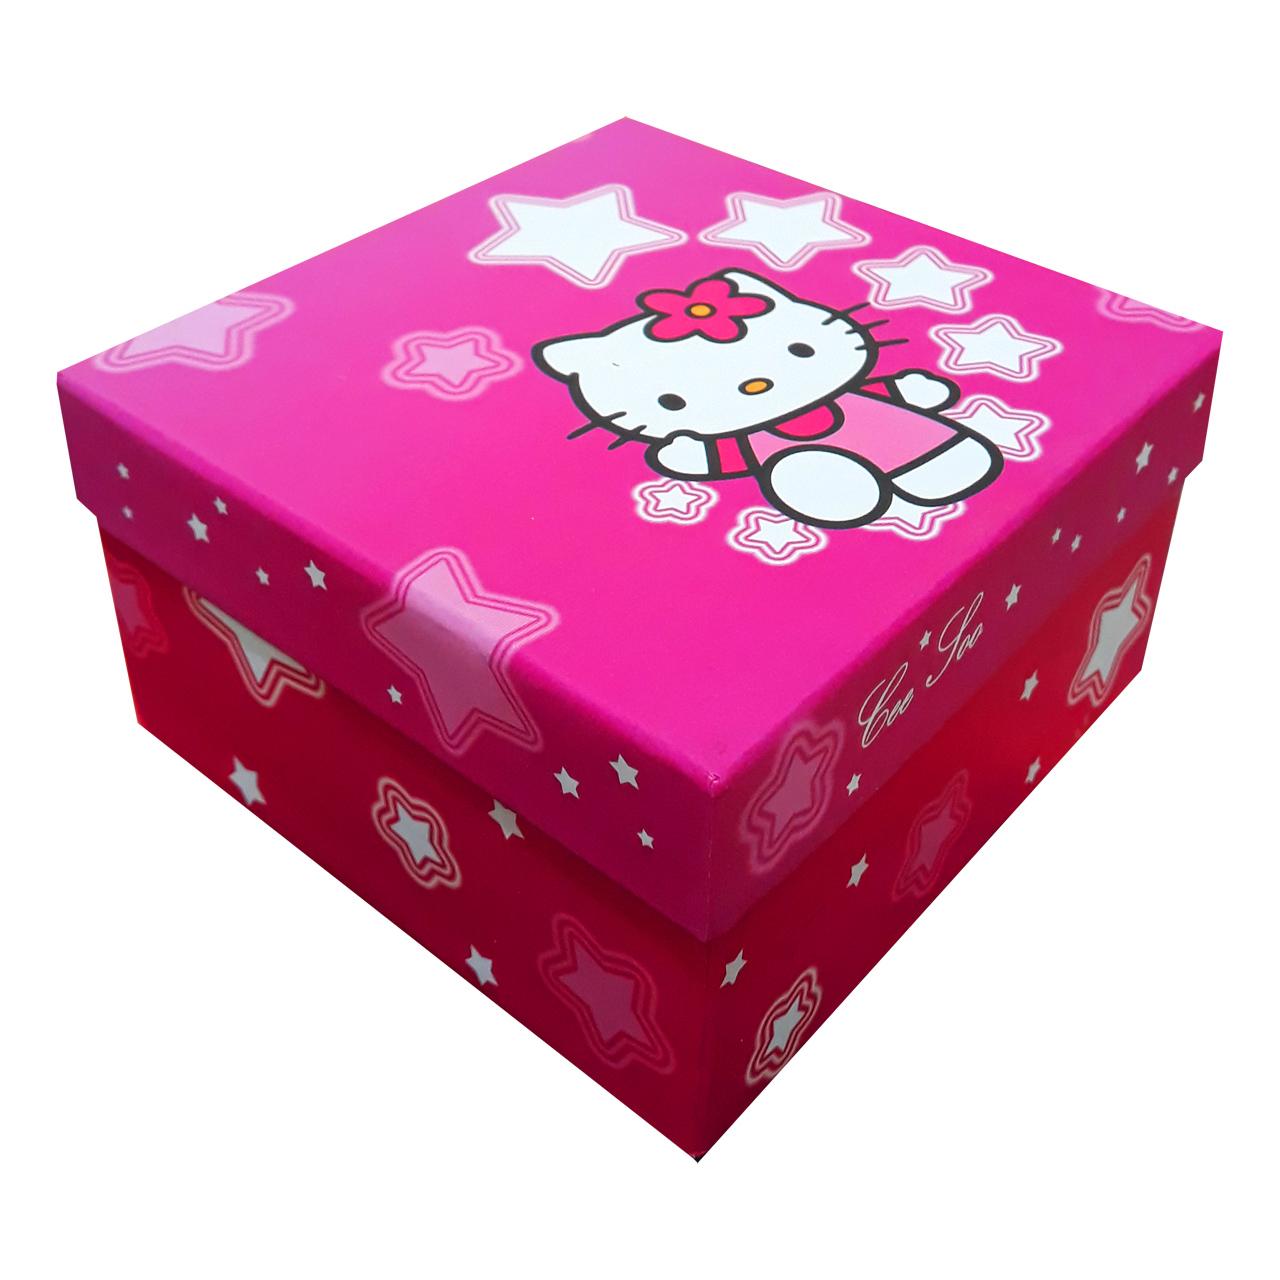 عکس جعبه هدیه طرح کیتی کد M090